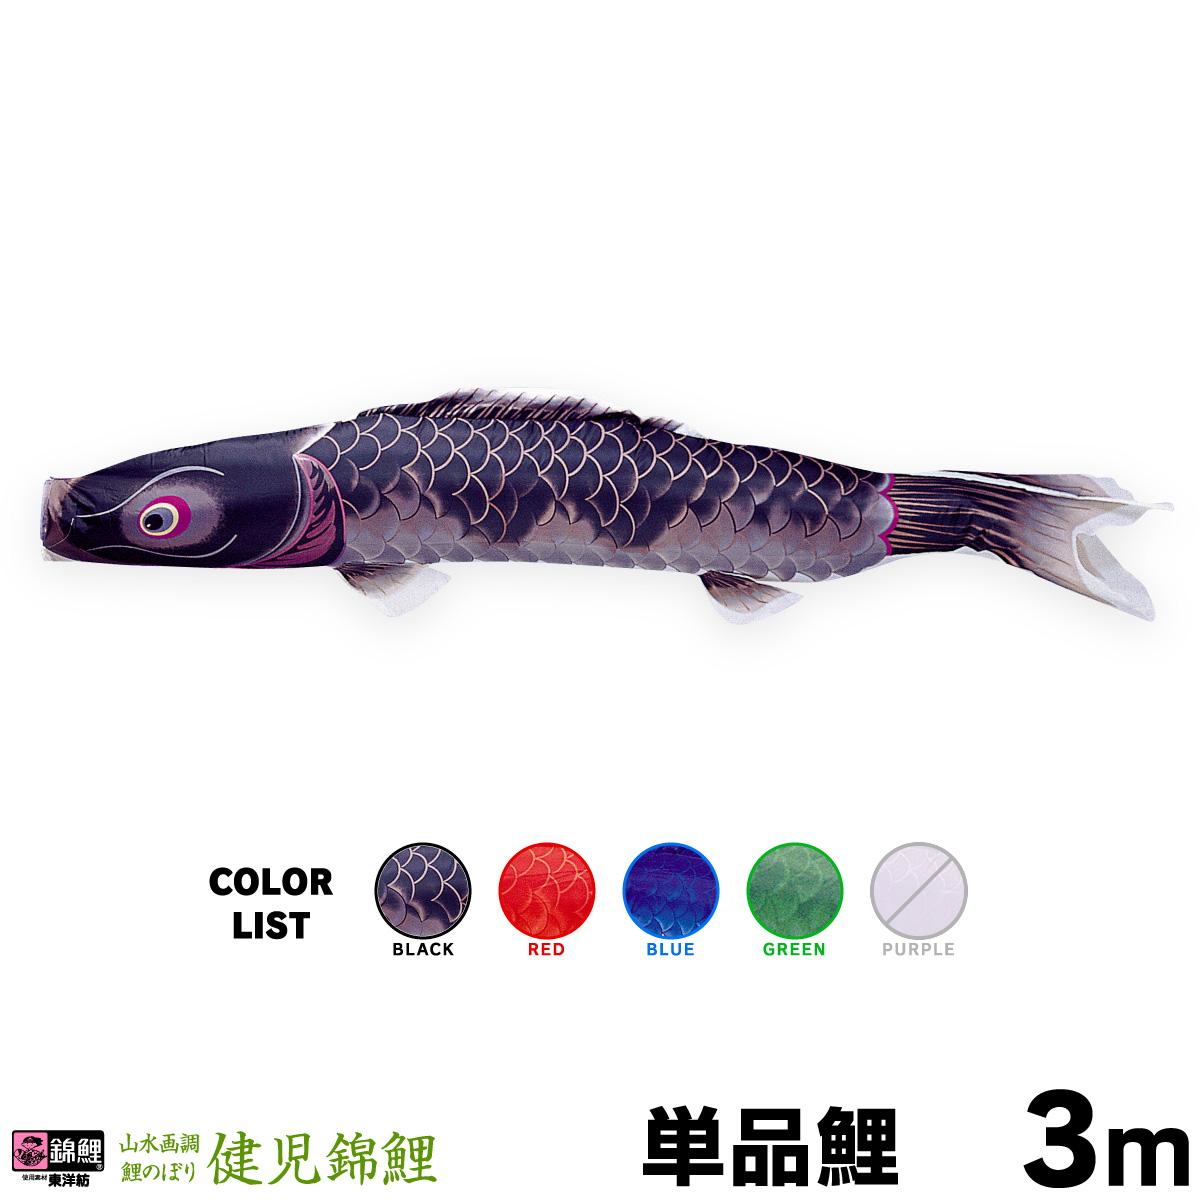 【こいのぼり 単品】 健児錦鯉 3m 単品鯉